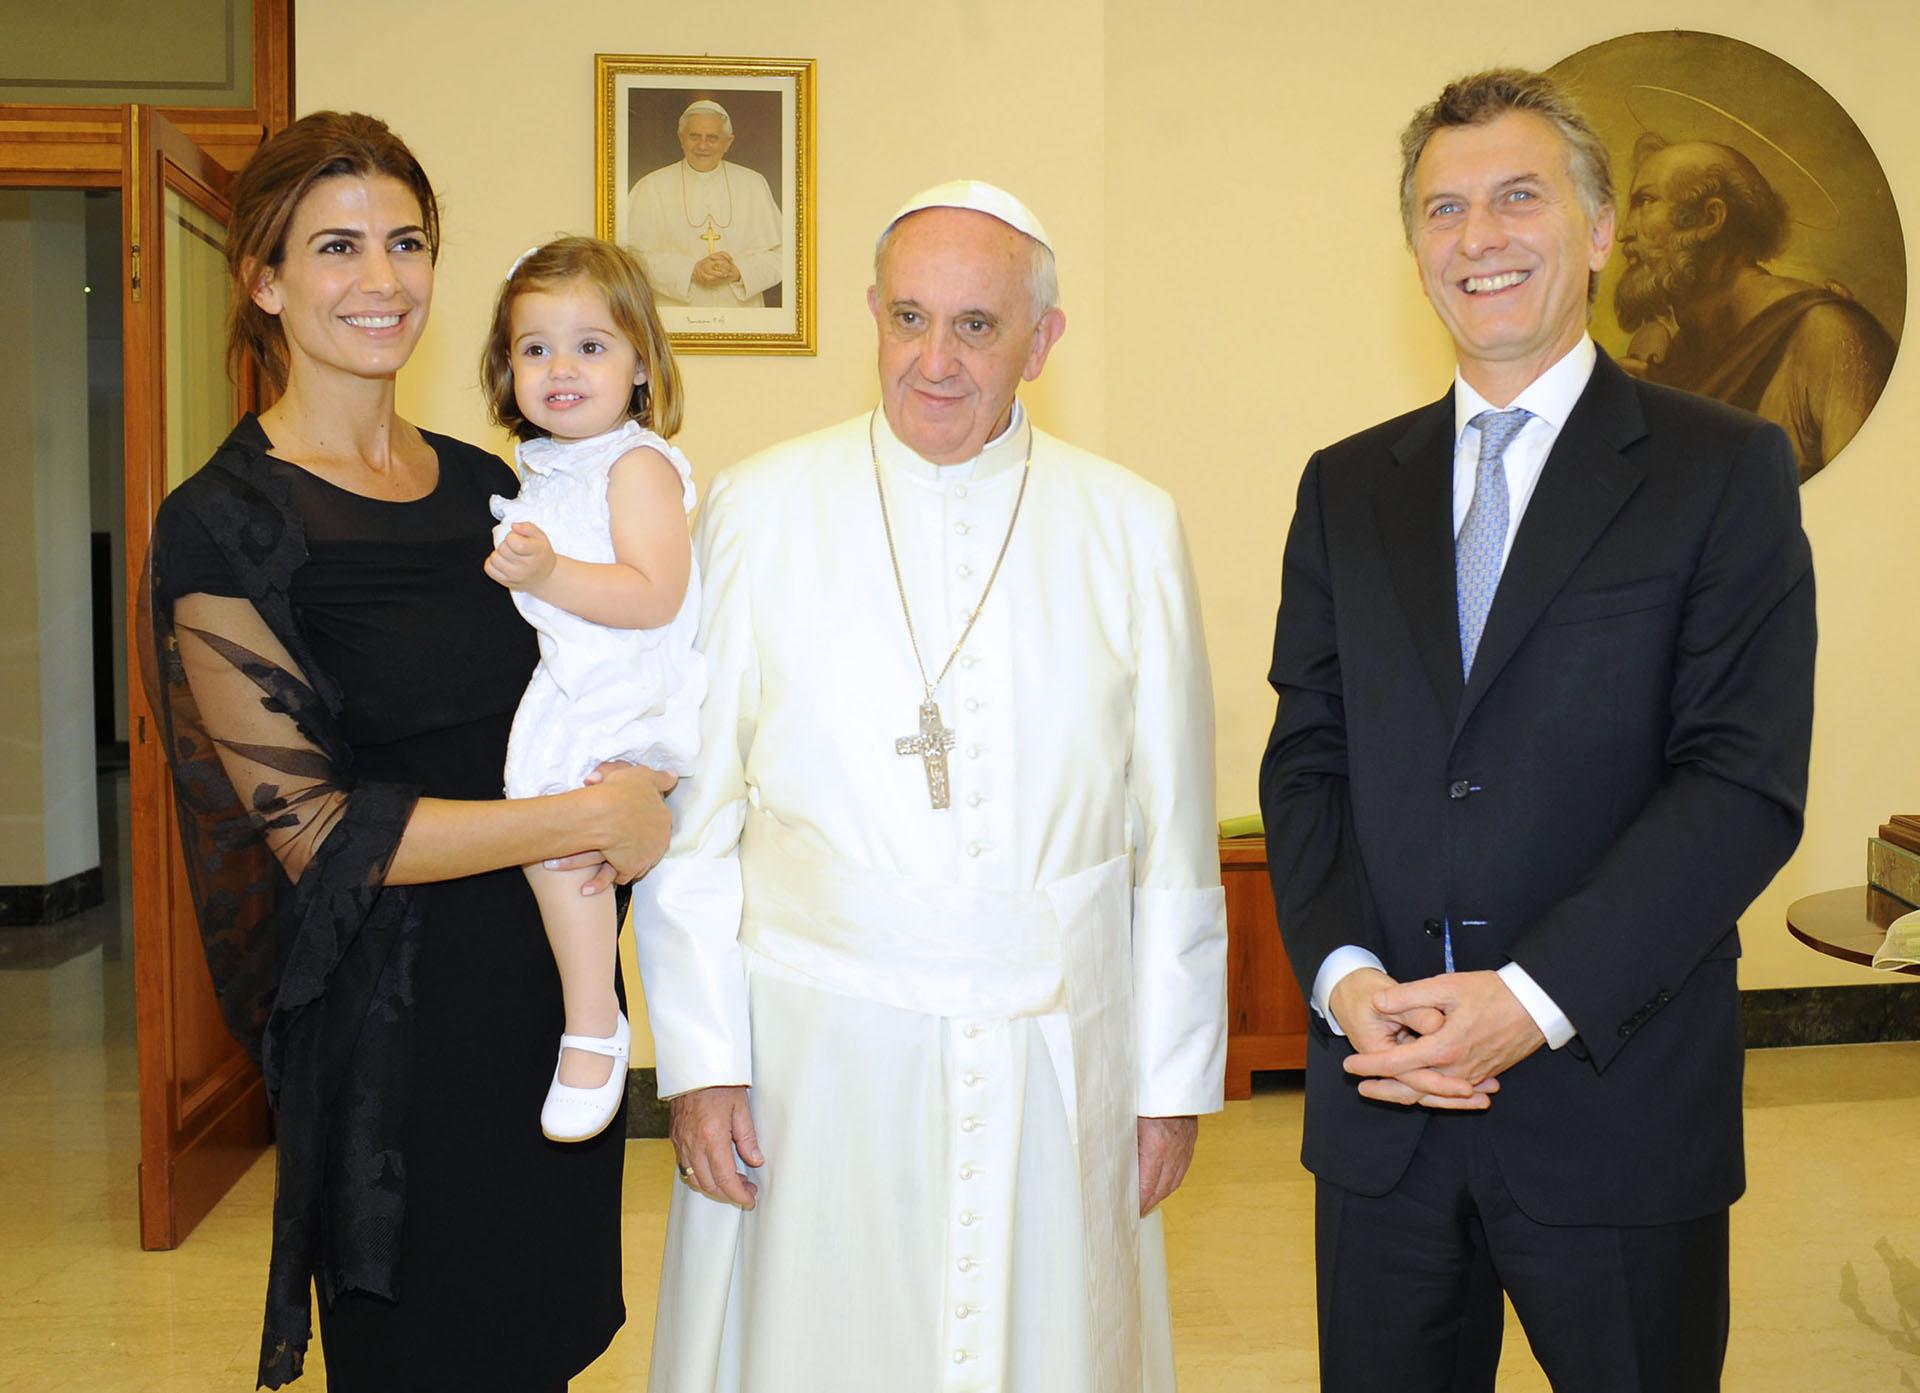 2013. Luego de una audiencia privada con el papa Francisco, a la que concurrió con Awada y Antonia.